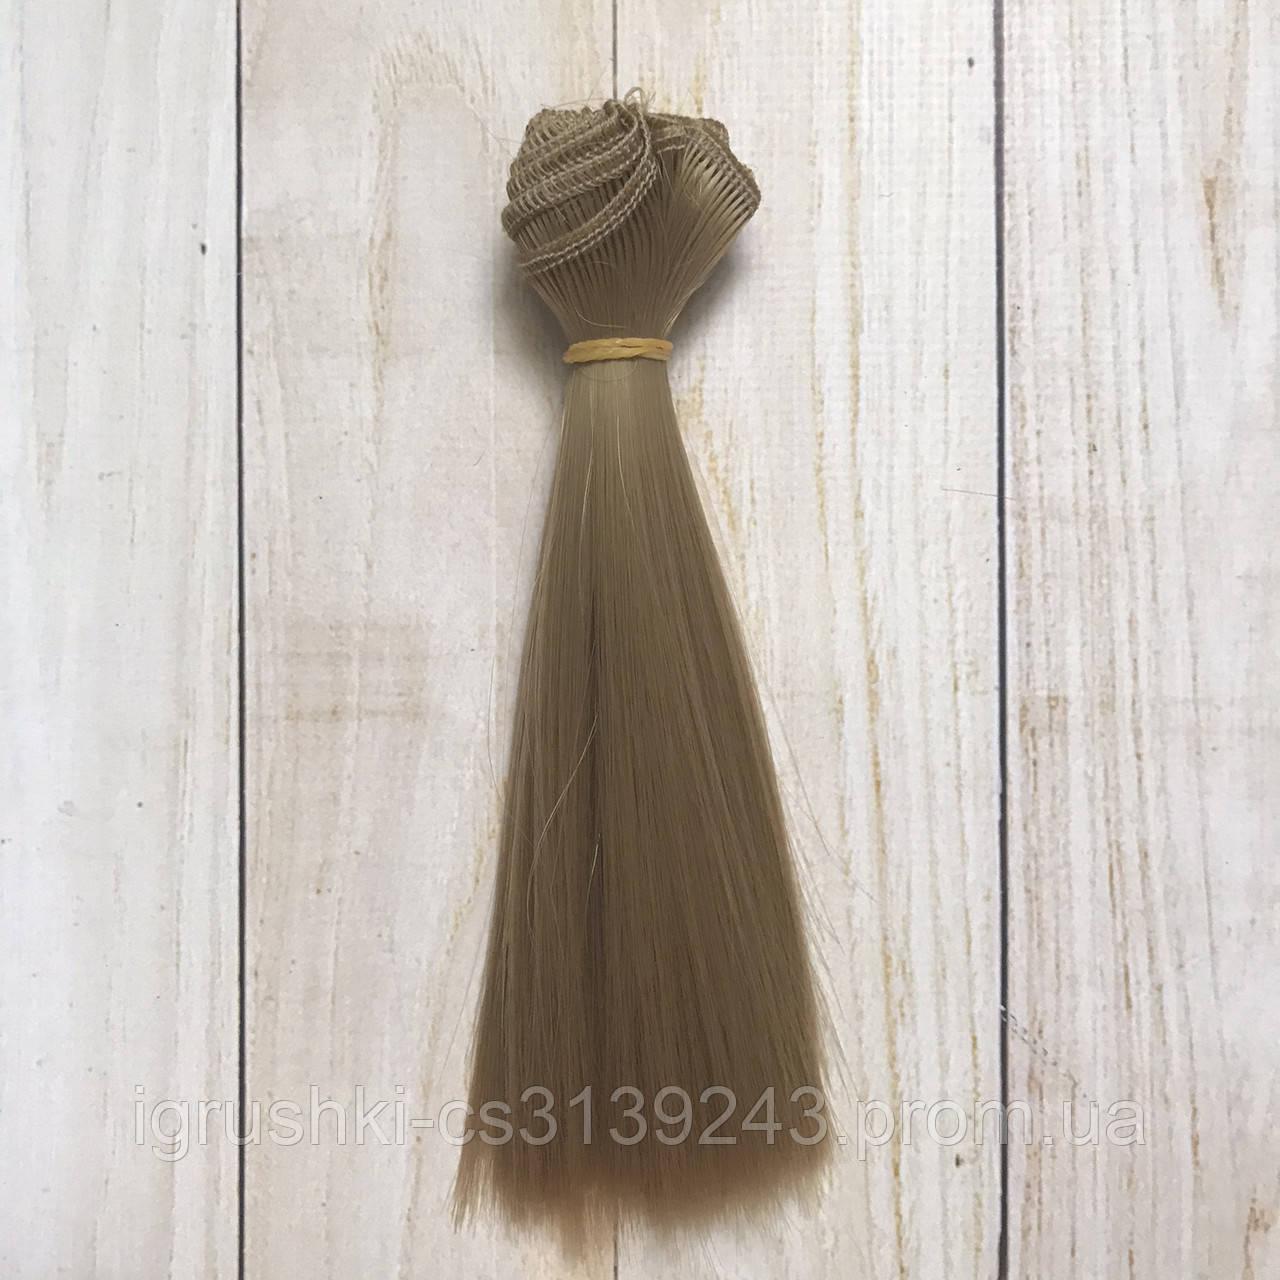 Волосся для ляльок (тресс) 15 * 100 см Колір 59